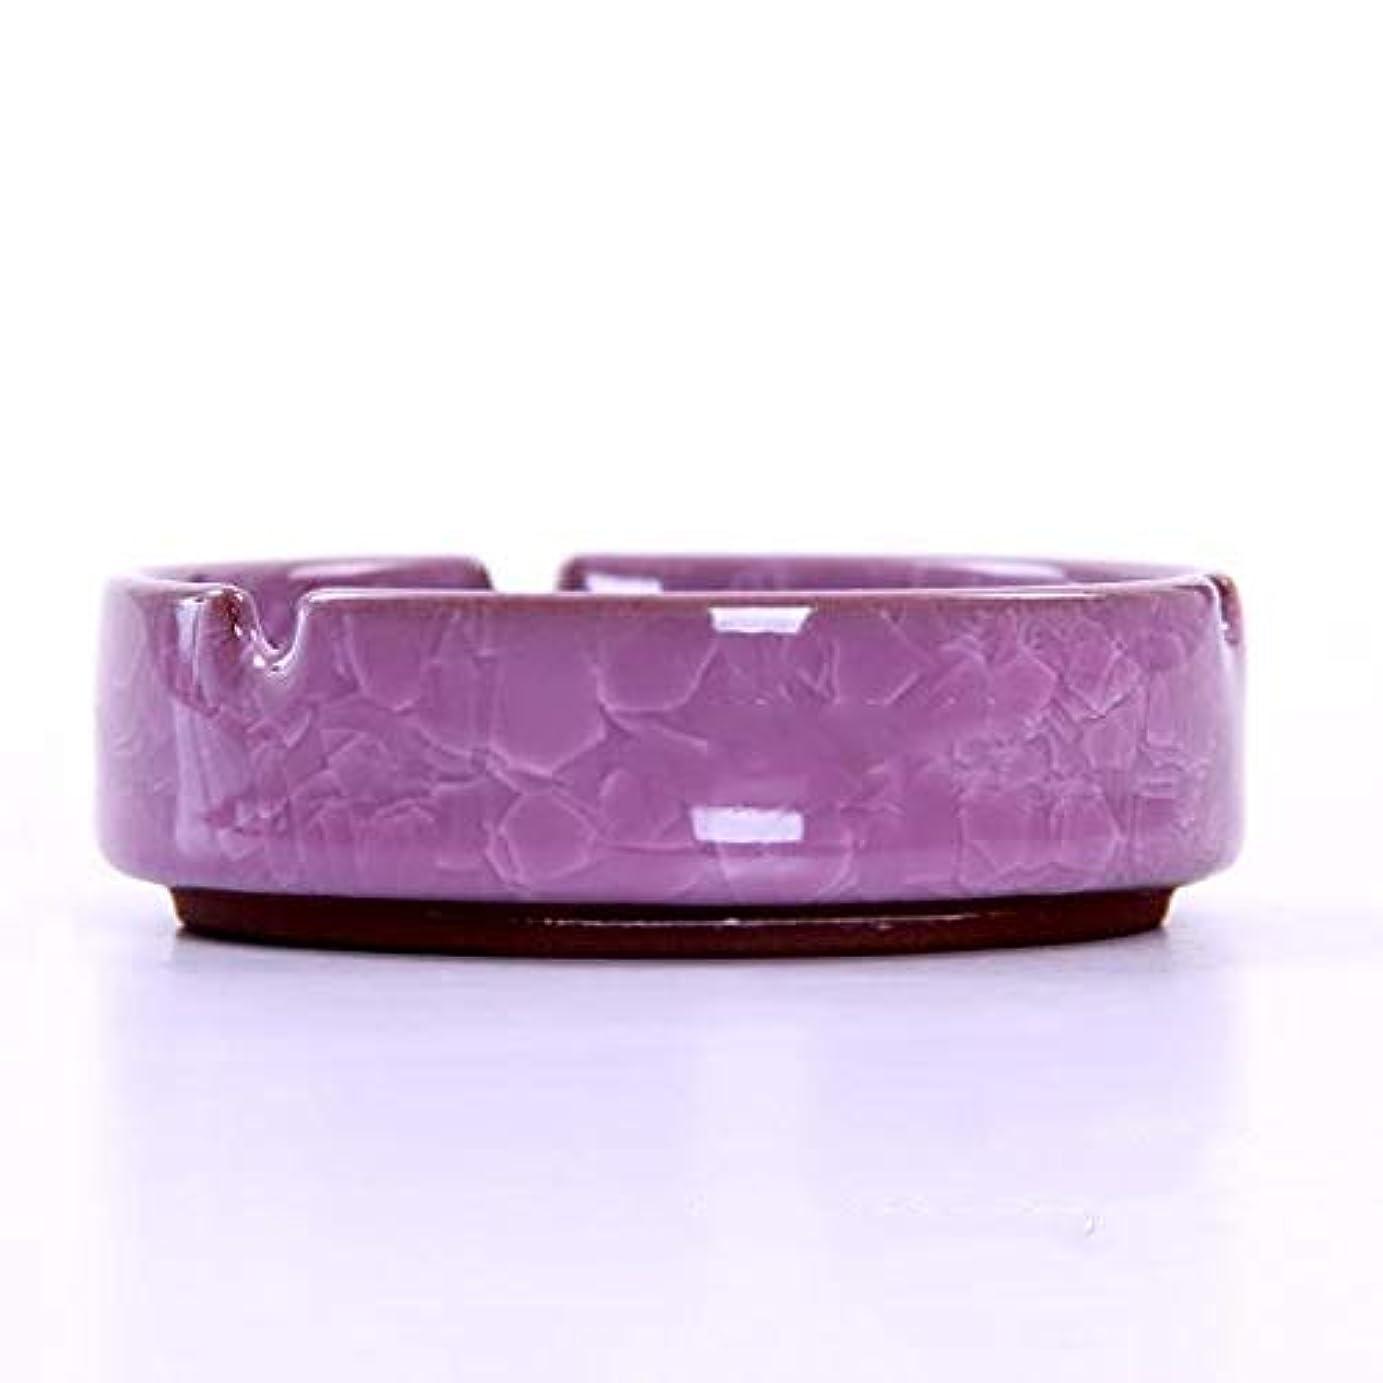 適合する販売員ライバル灰皿Creative Outdoor Ceramics灰皿